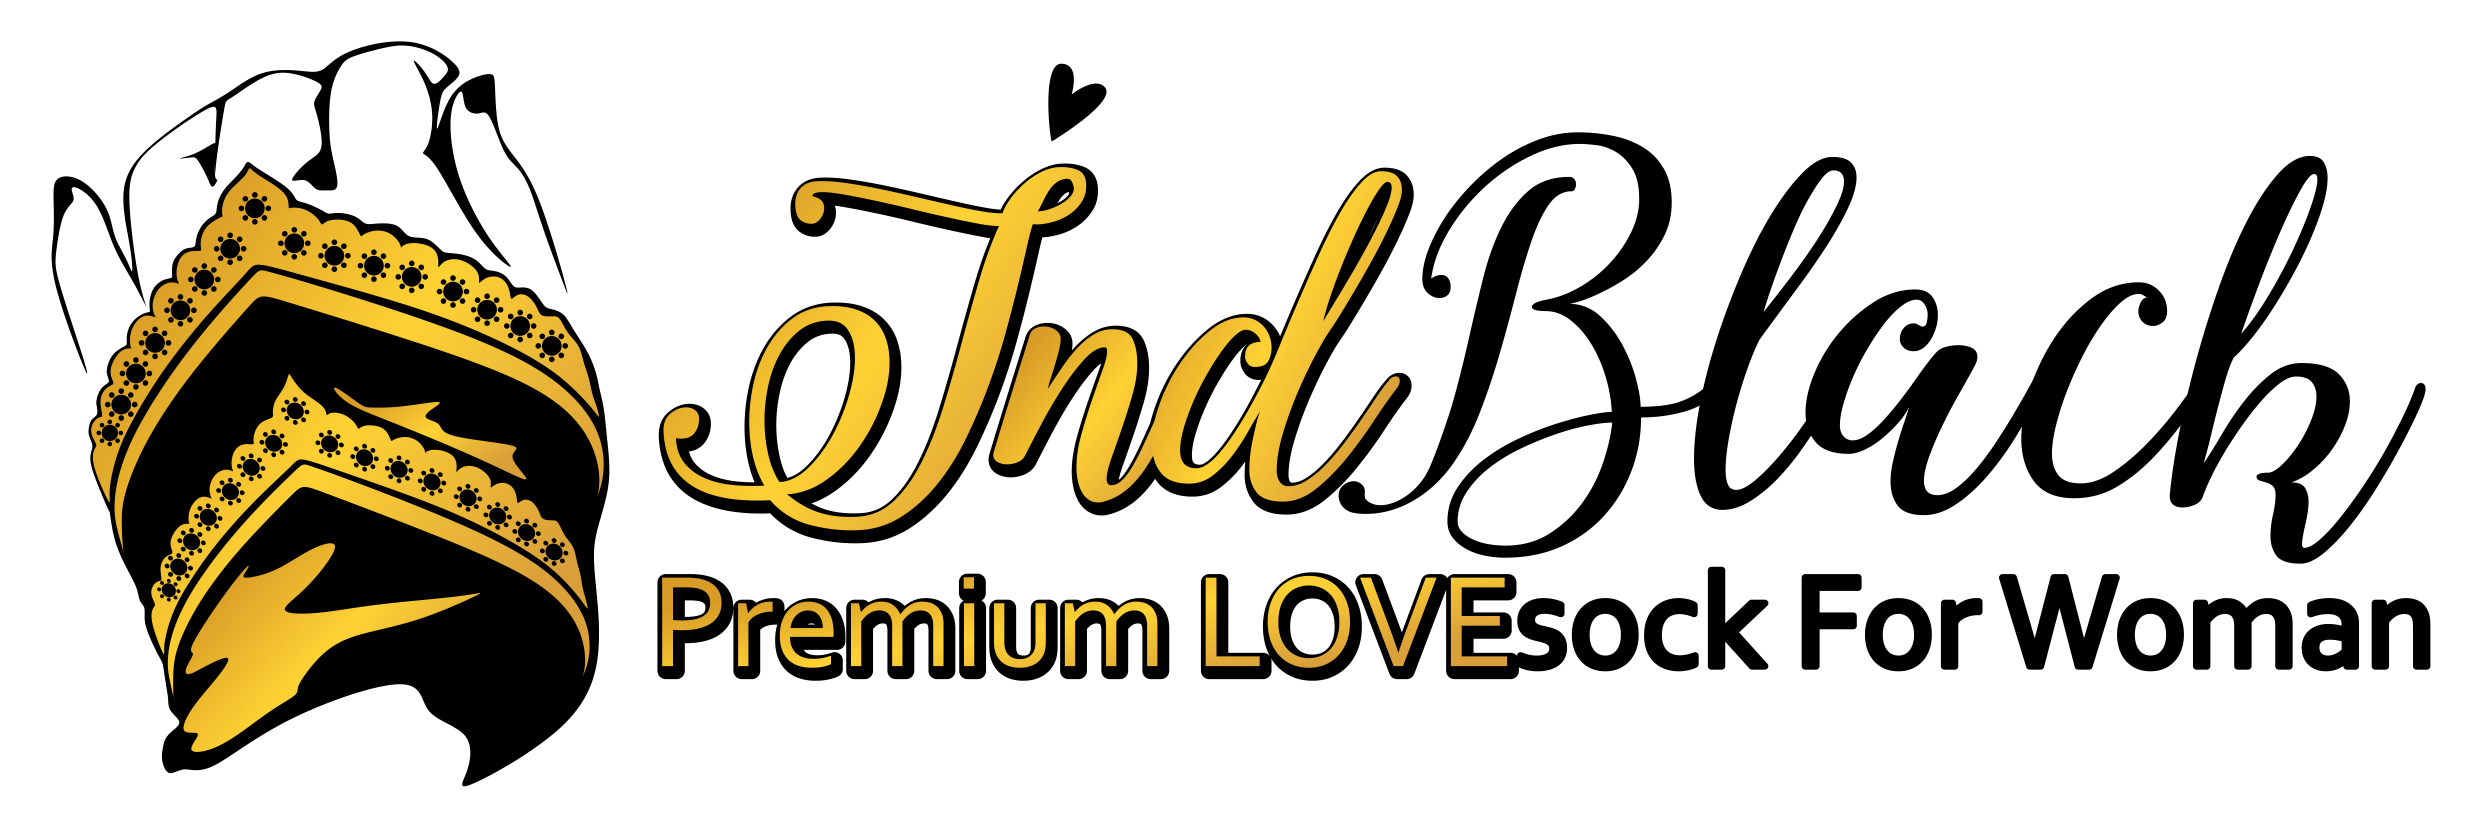 INDBLACK PREMIUM LOVESOCK logo